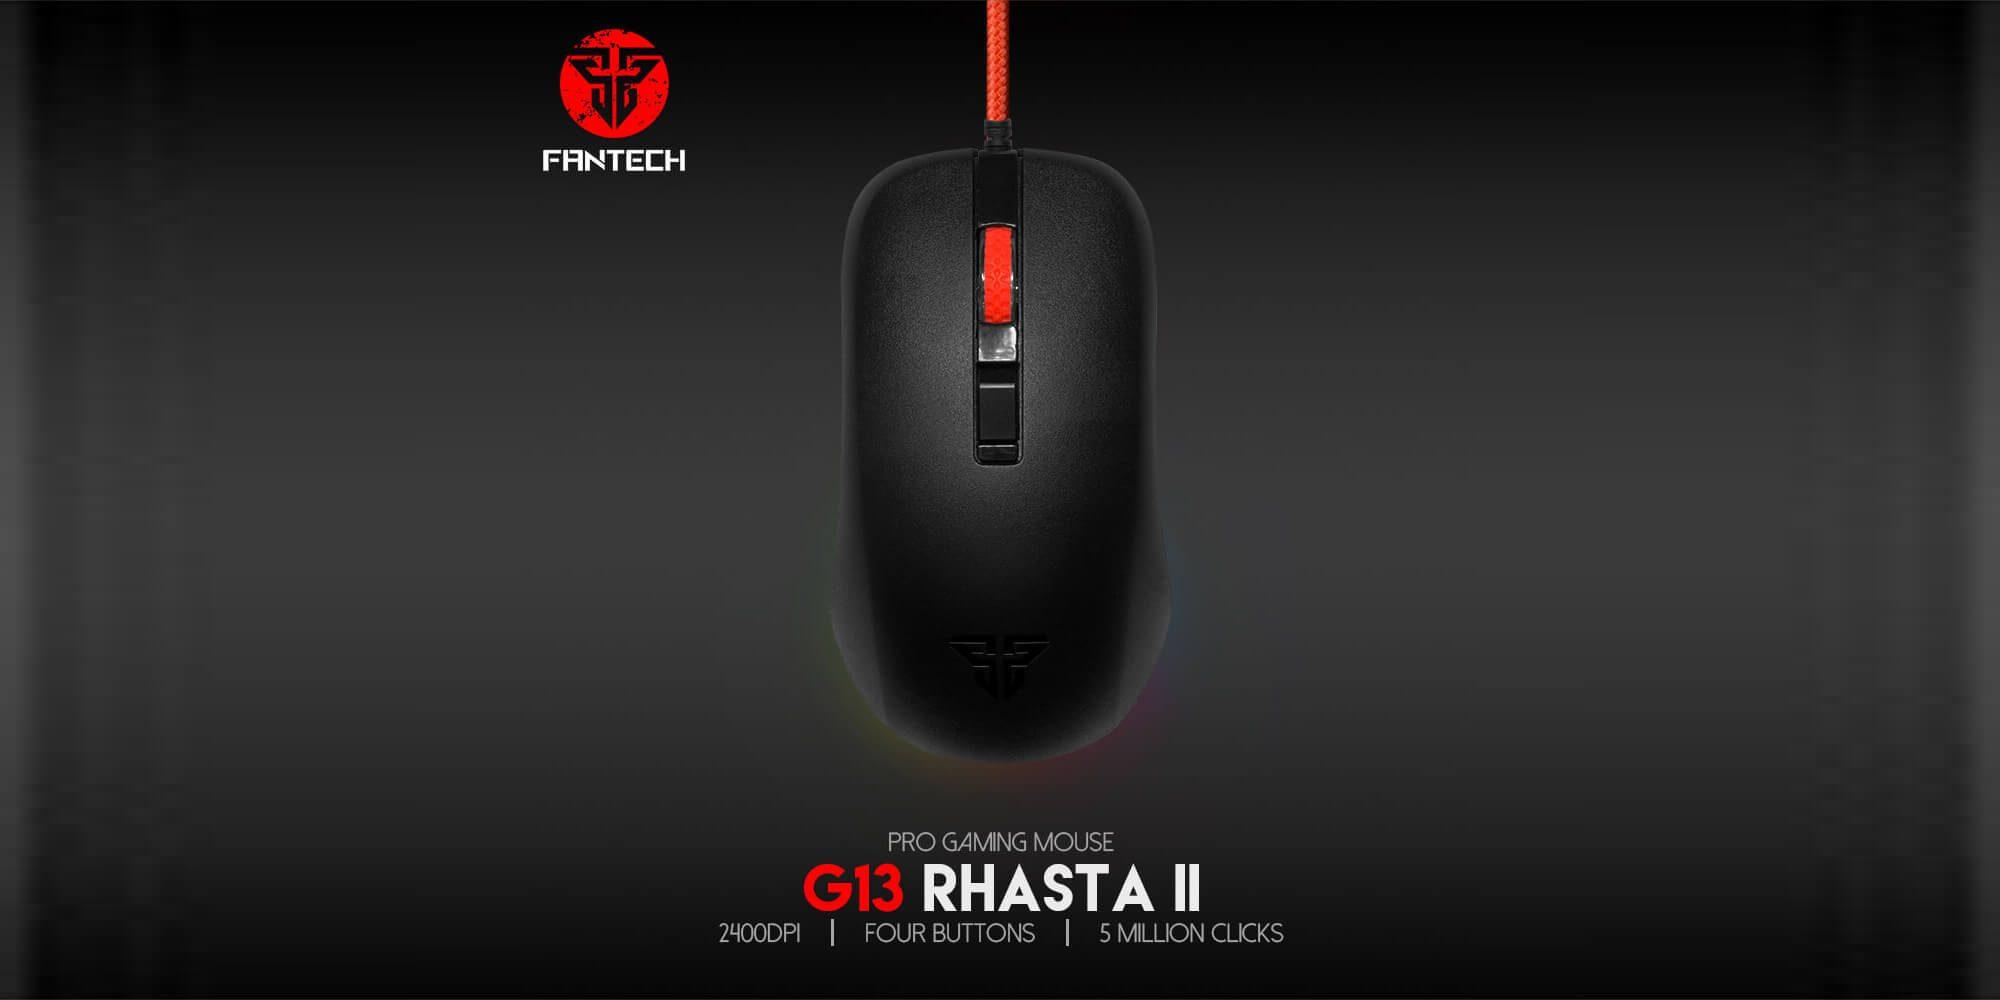 Игровая мышь Fantech Rhasta II G13